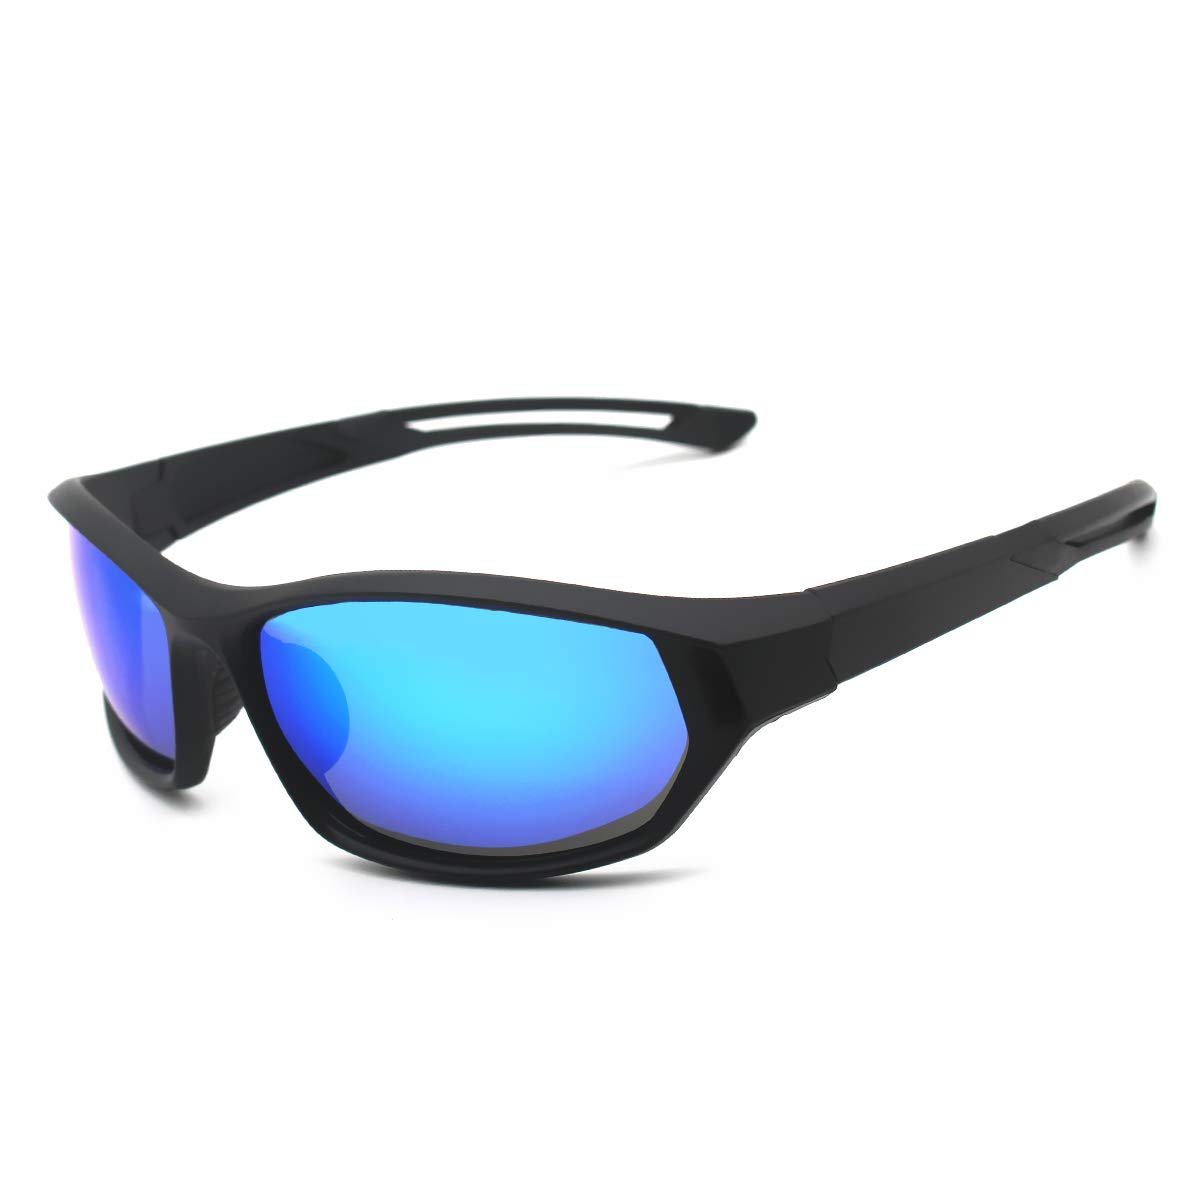 LATEC Gafas de Sol Deportivas, Gafas Ciclismo Polarizadas con Protección UV400 y TR90 Unbreakable Frame, para Hombres Mujeres al Aire Libre Deportes Pesca Esquí Conducción Golf Correr Ciclismo product image